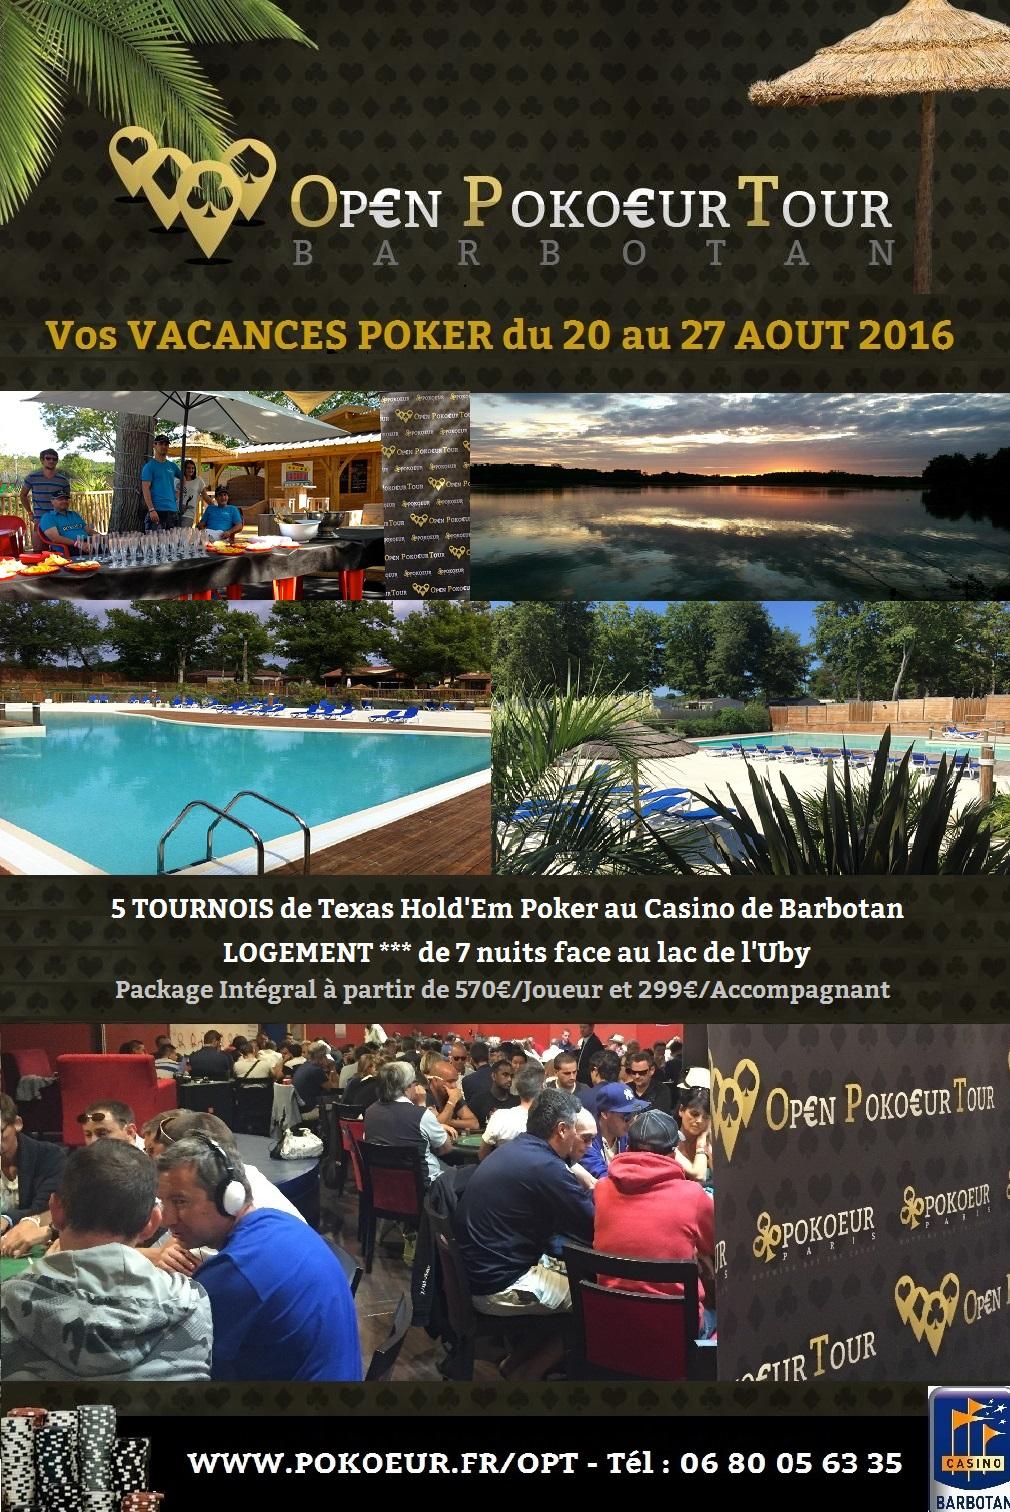 OPEN POKOEUR TOUR 2016 - Vacances Poker estivales OPT2016_Affiche_V2.jpg.7ca3e685adf8d31edad362a0c218757d